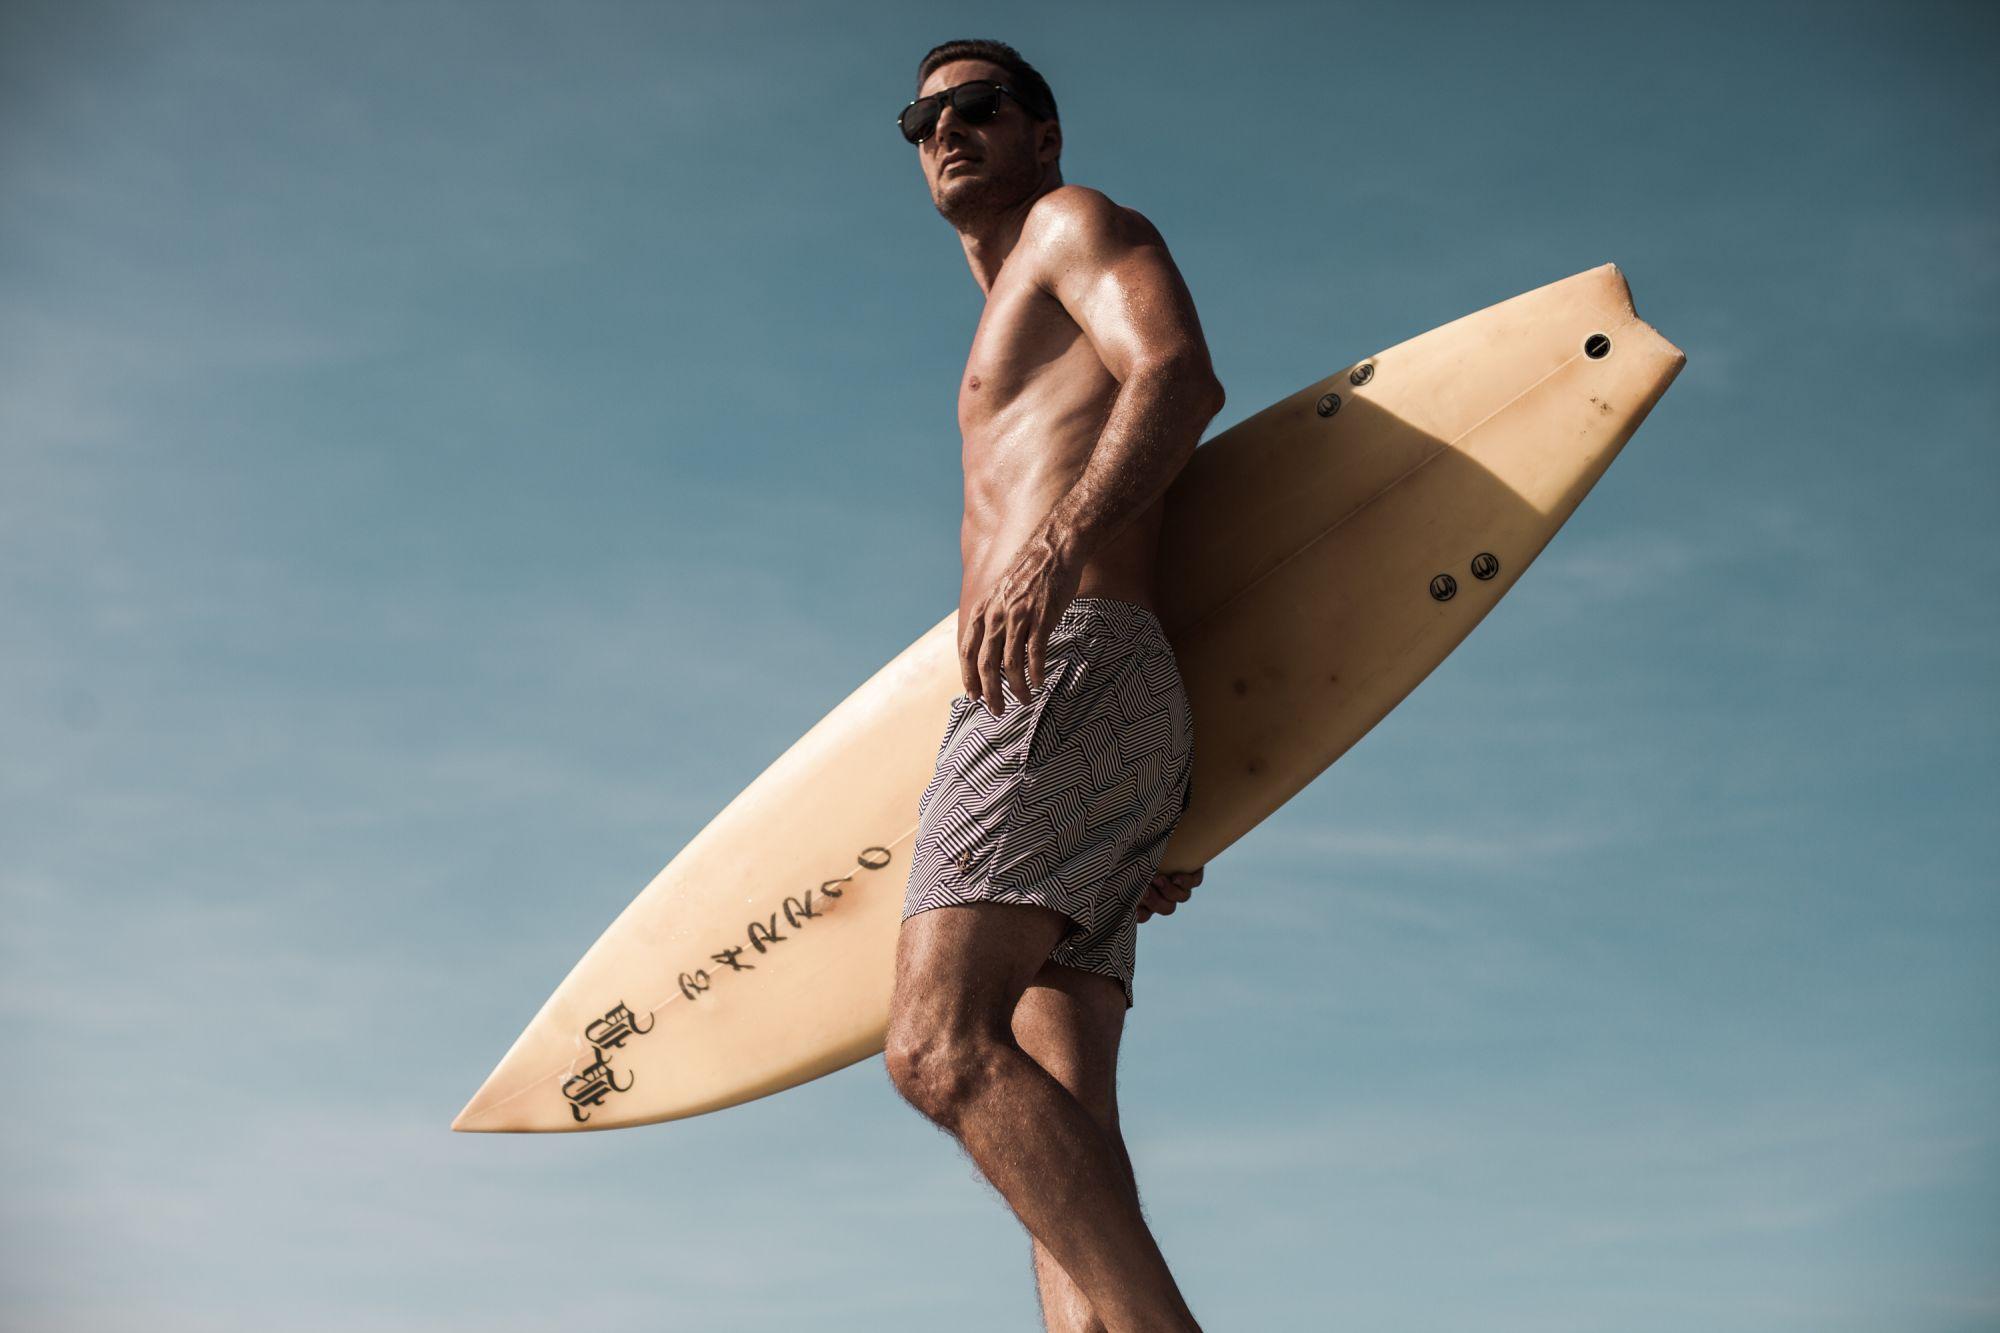 9cb30772a8 10 Luxury Swim Trunks Every Man Needs | Hong Kong Tatler